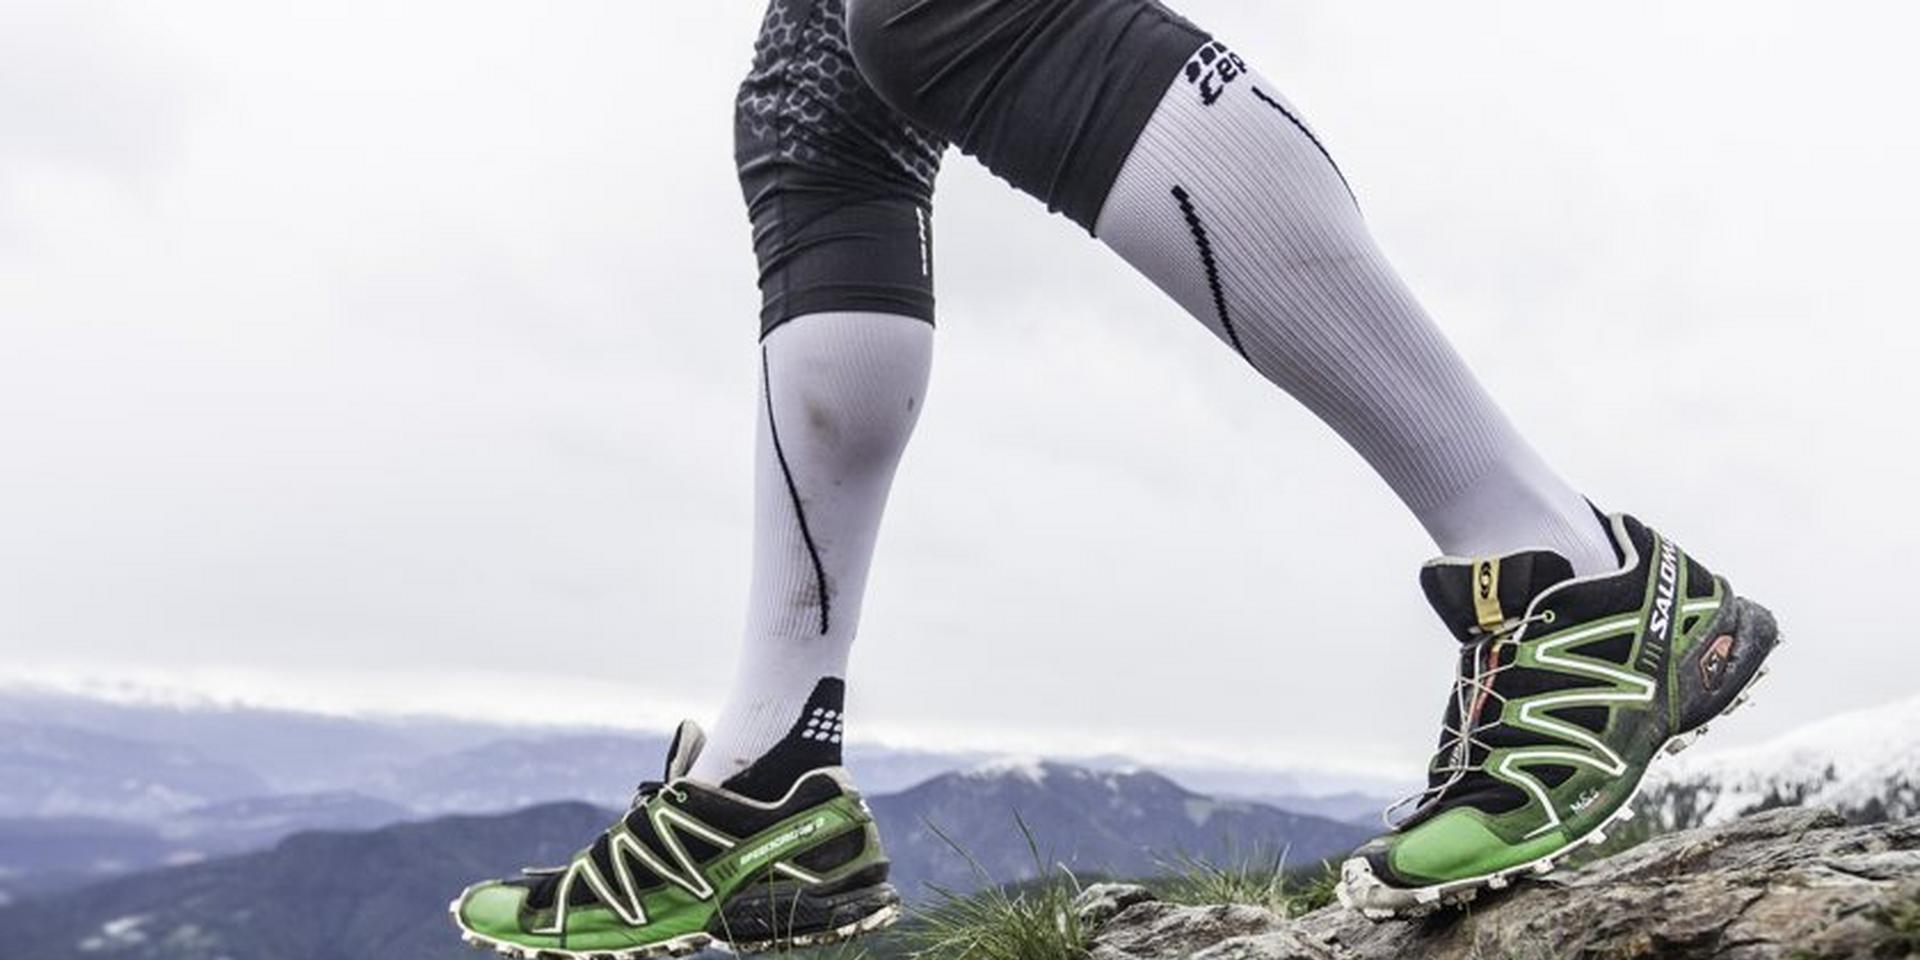 Die Beine eines Trailrunners der Kompressionssocken trägt